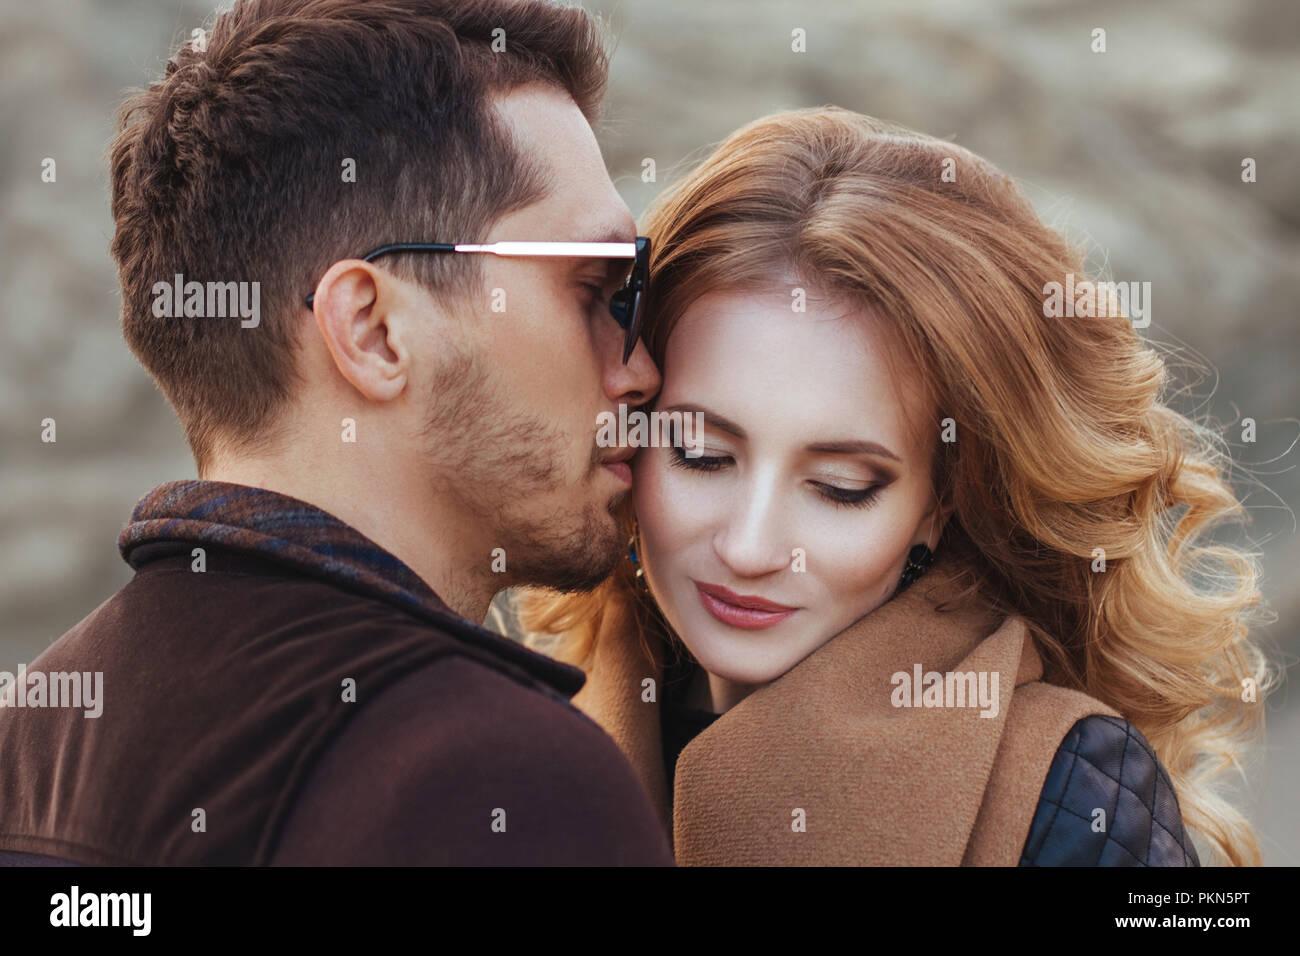 Schones Paar In Liebe Am Valentinstag Gluckliches Junges Paar Auf